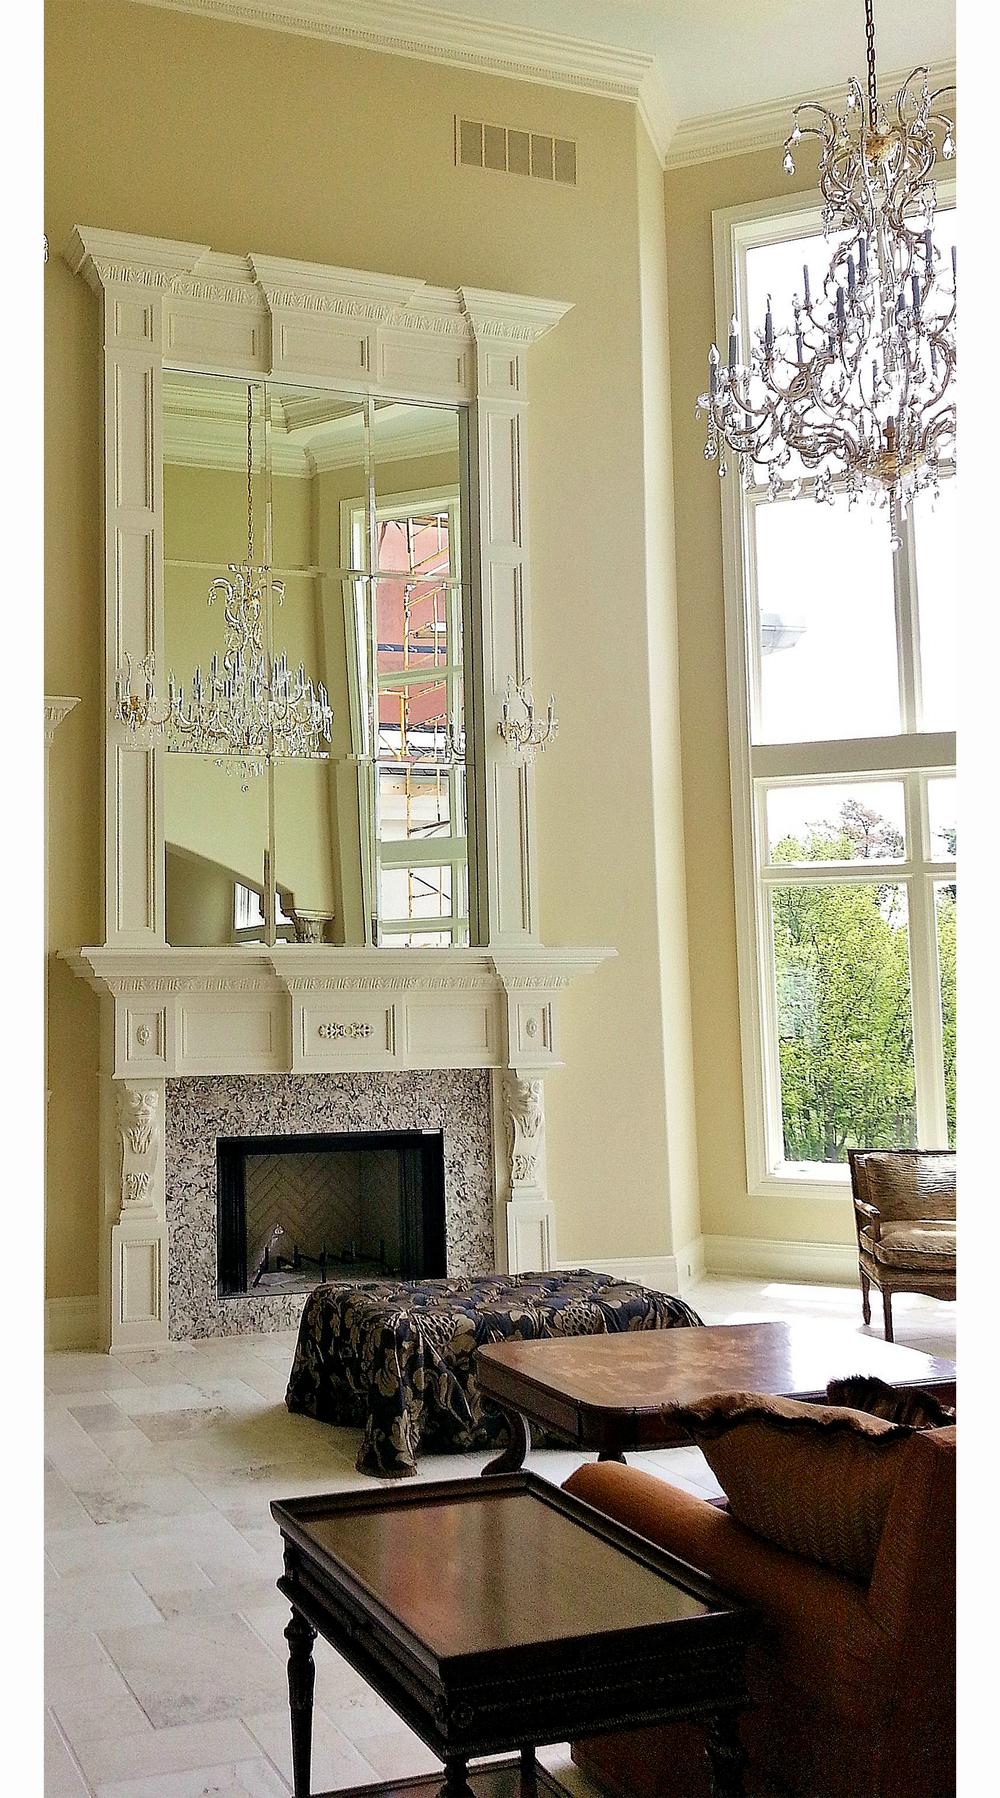 fireplace after edited frame.jpg